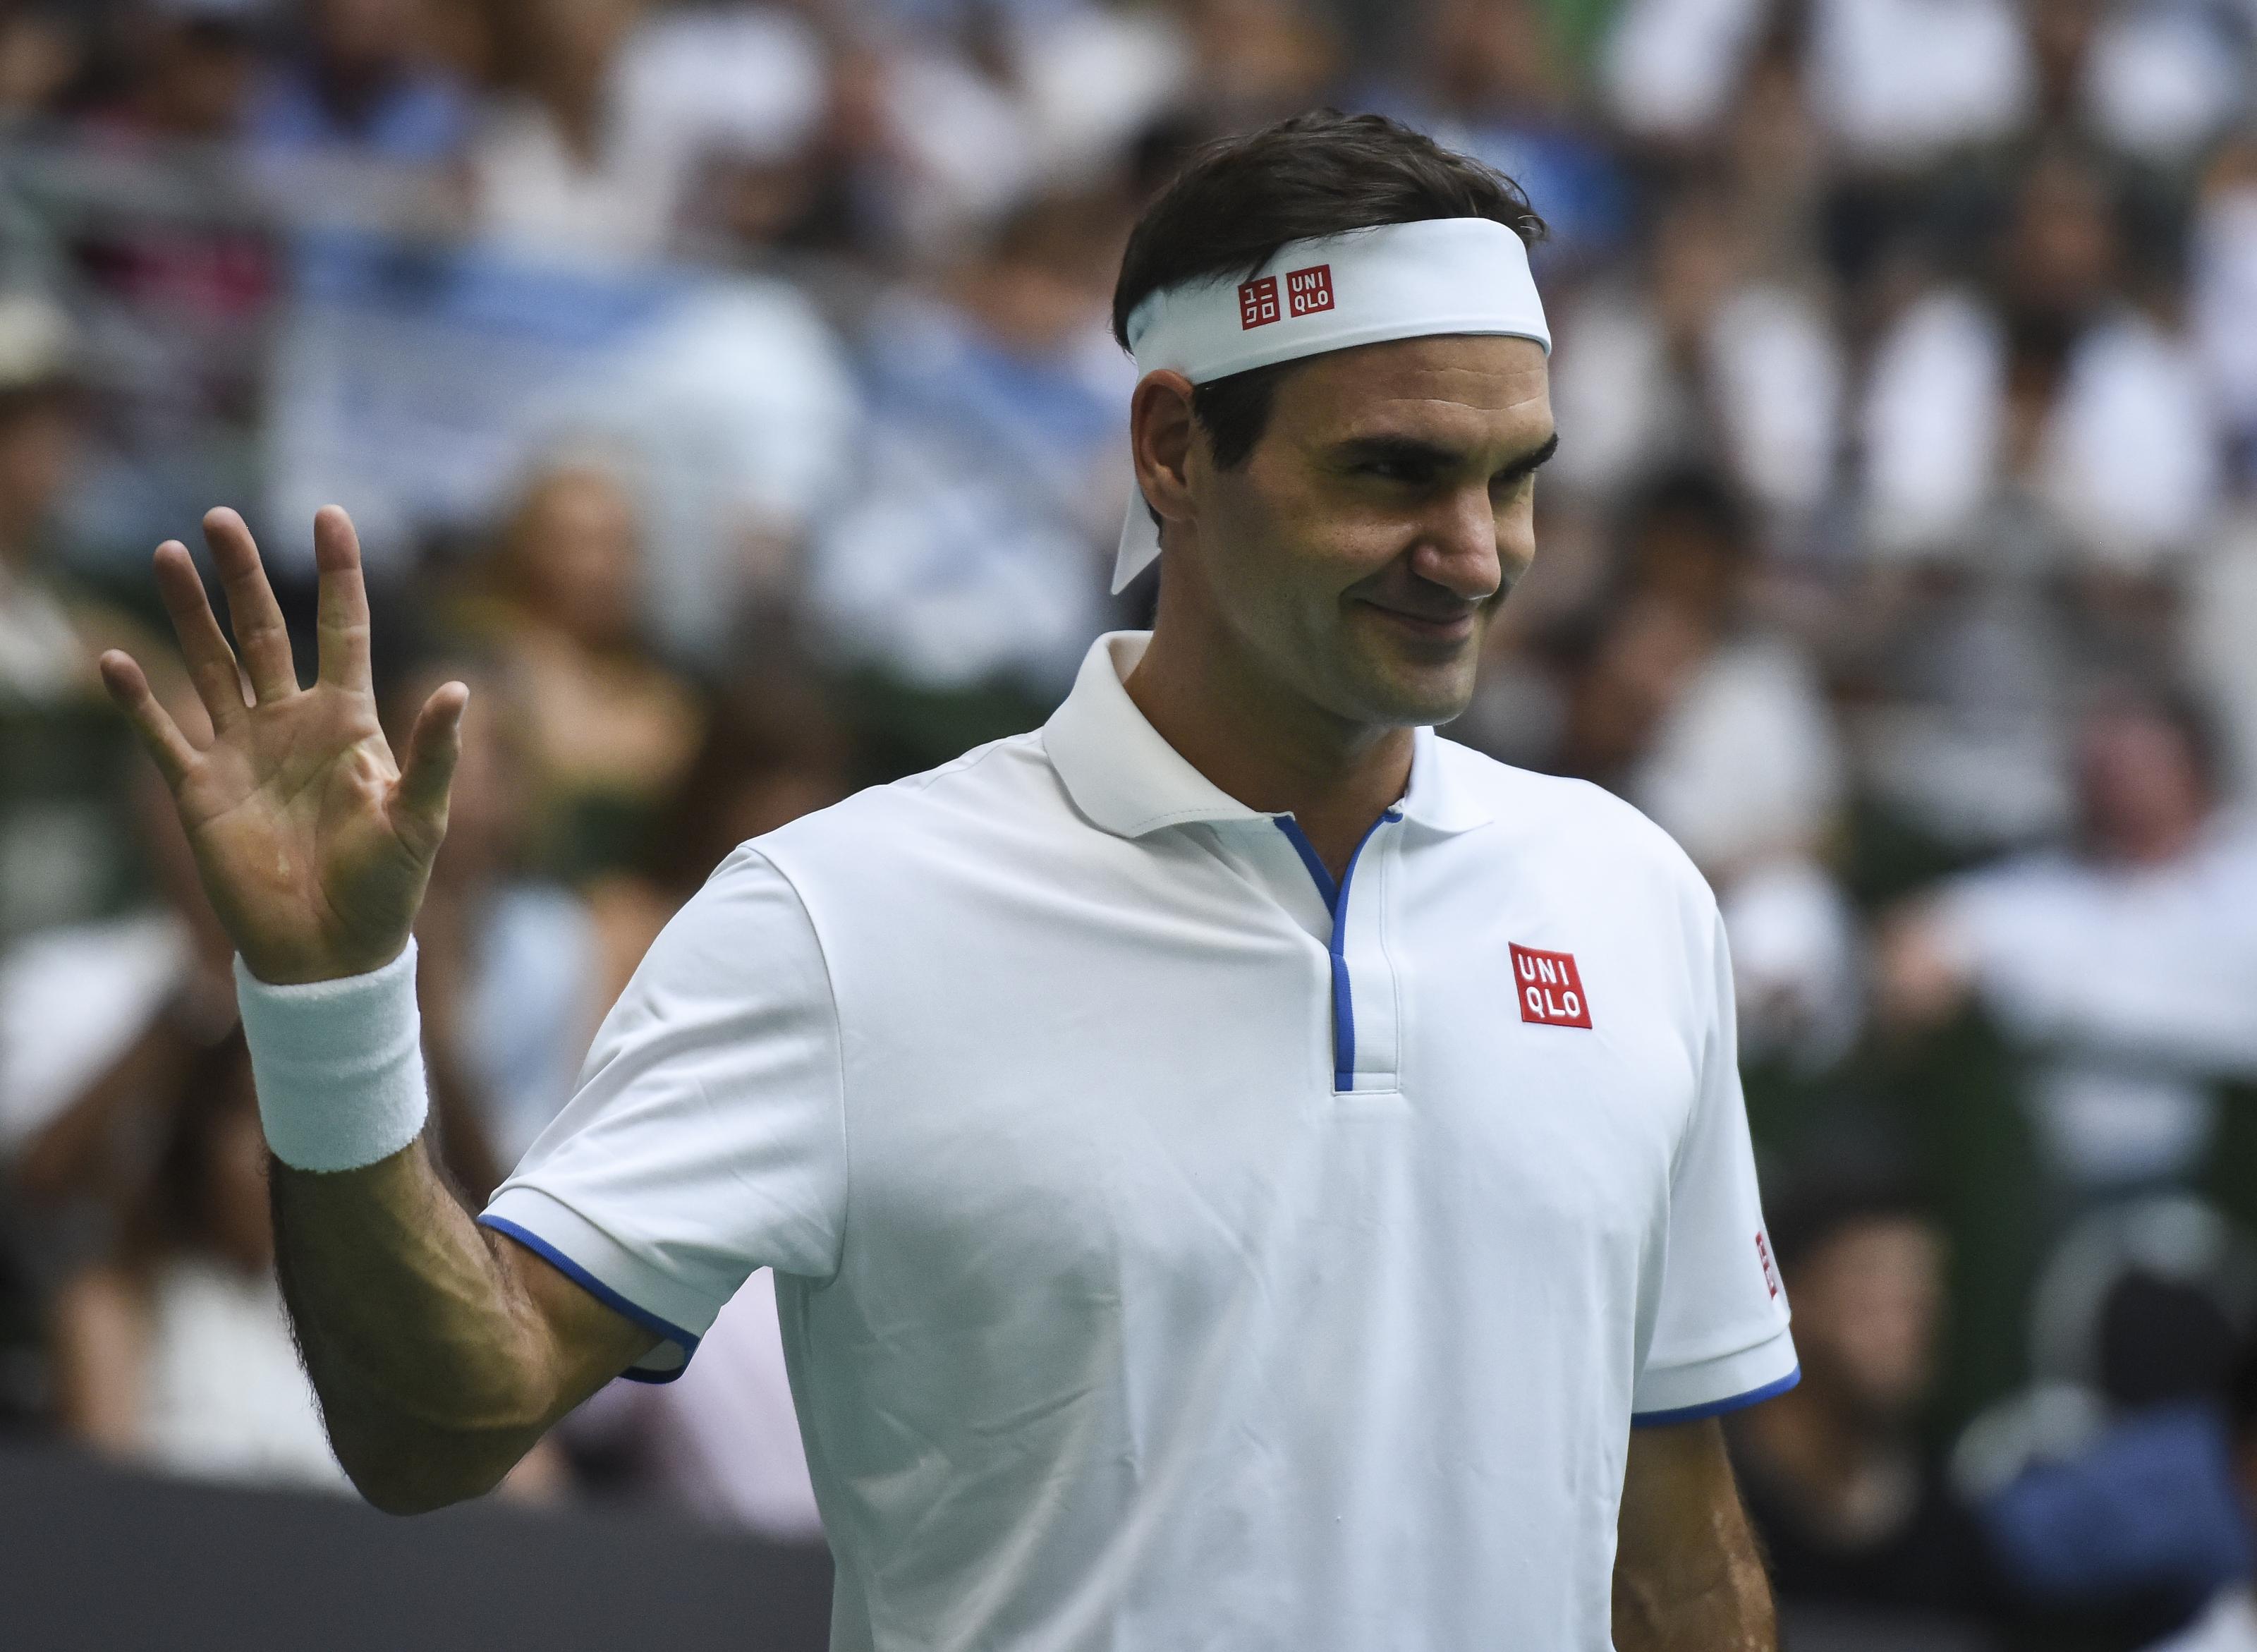 Zverev v Federer - Exhibition Game